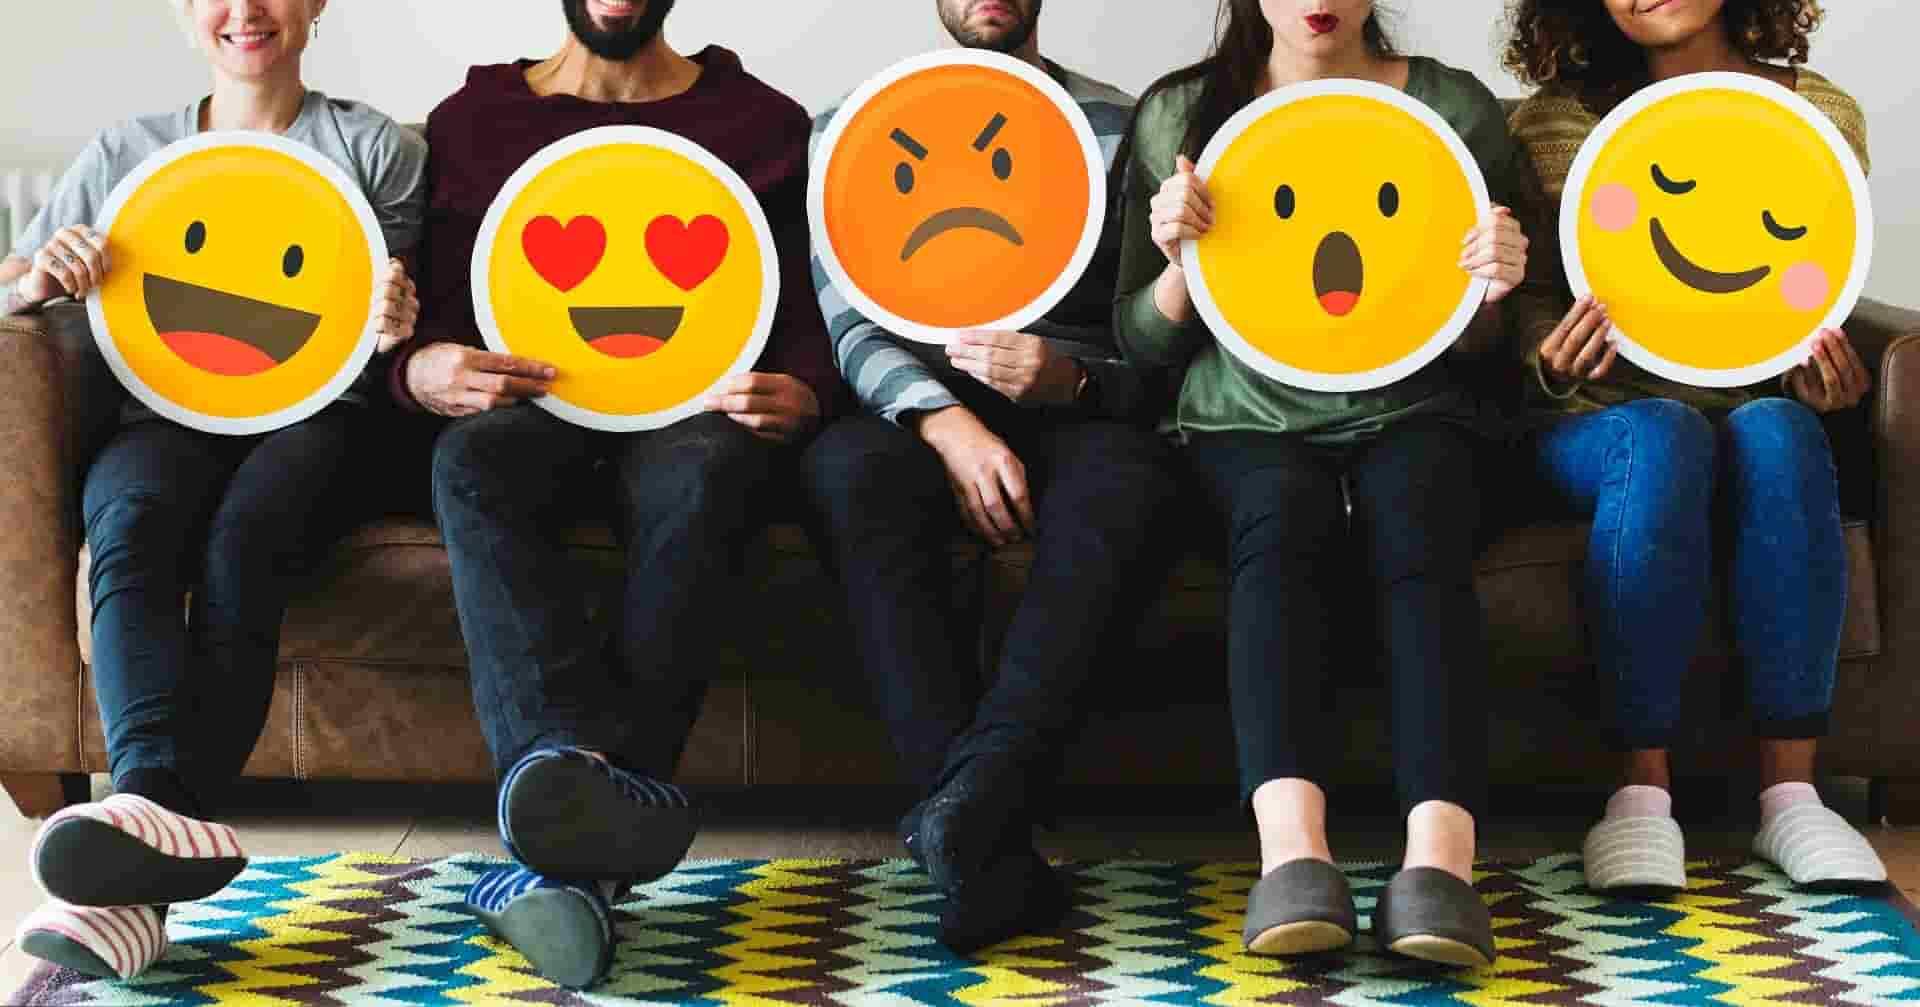 Brauche ich Emojis in der Unternehmenskommunikation?